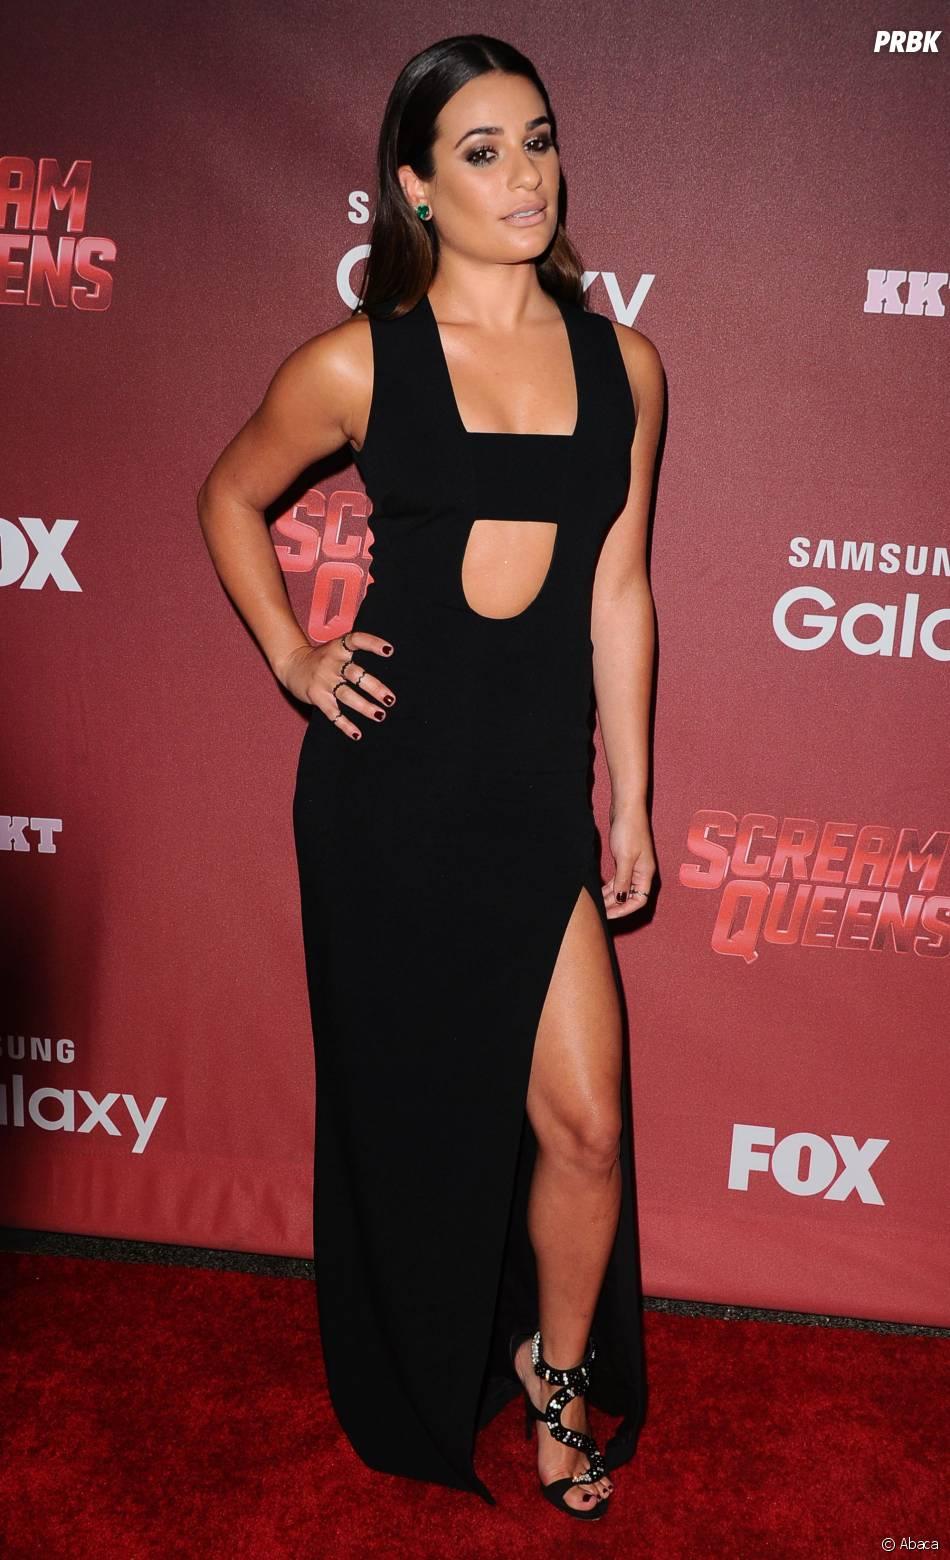 Lea Michele sensuelle à l'avant-première de Scream Queens, le 21 septembre 2015 à Los Angeles